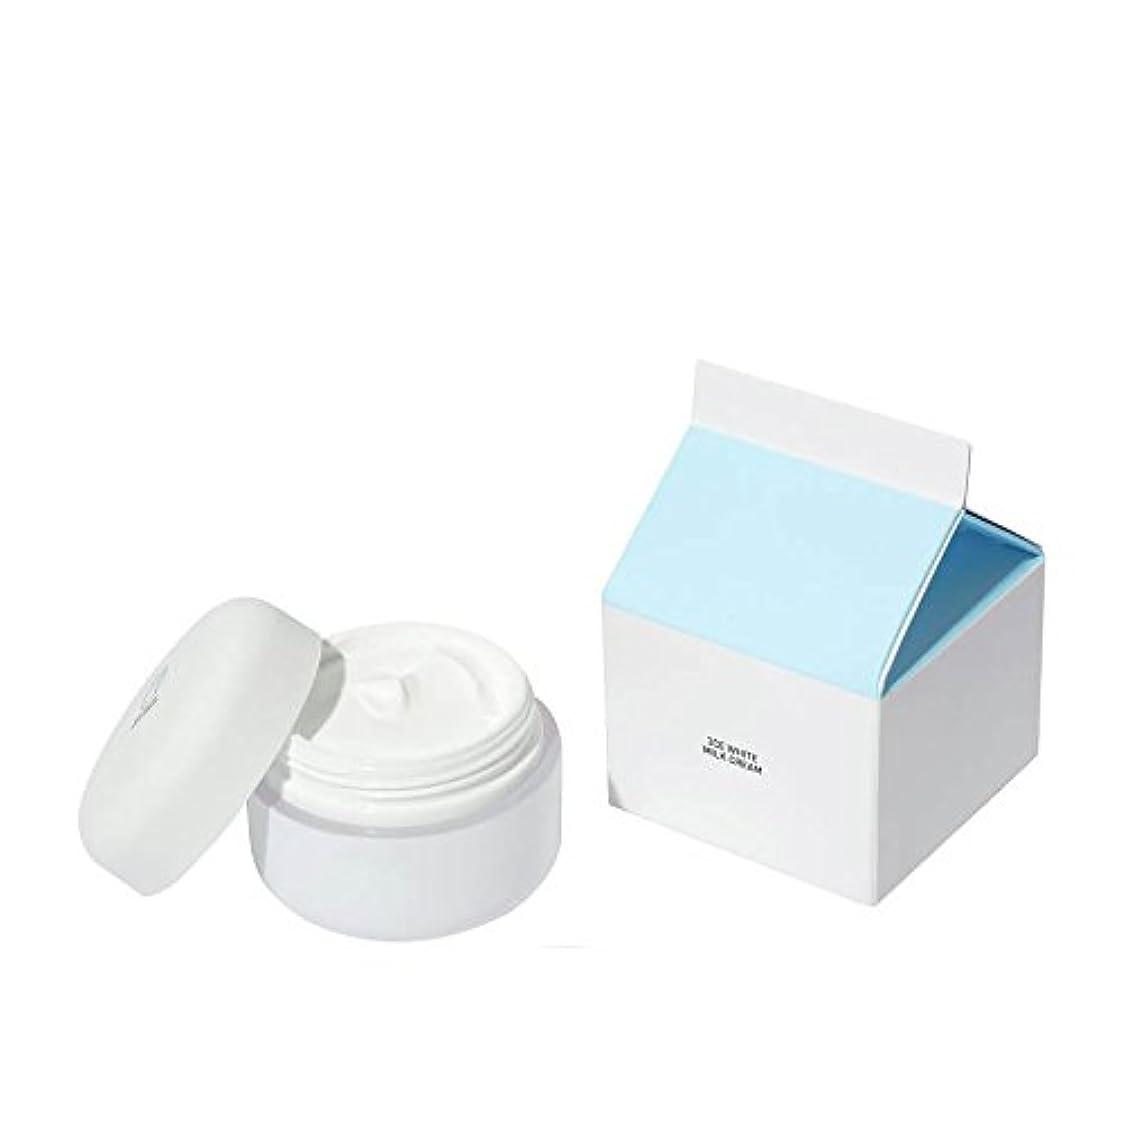 延ばす白い自己尊重[3CE] ホワイトミルククリーム(White Milk Cream) 50g